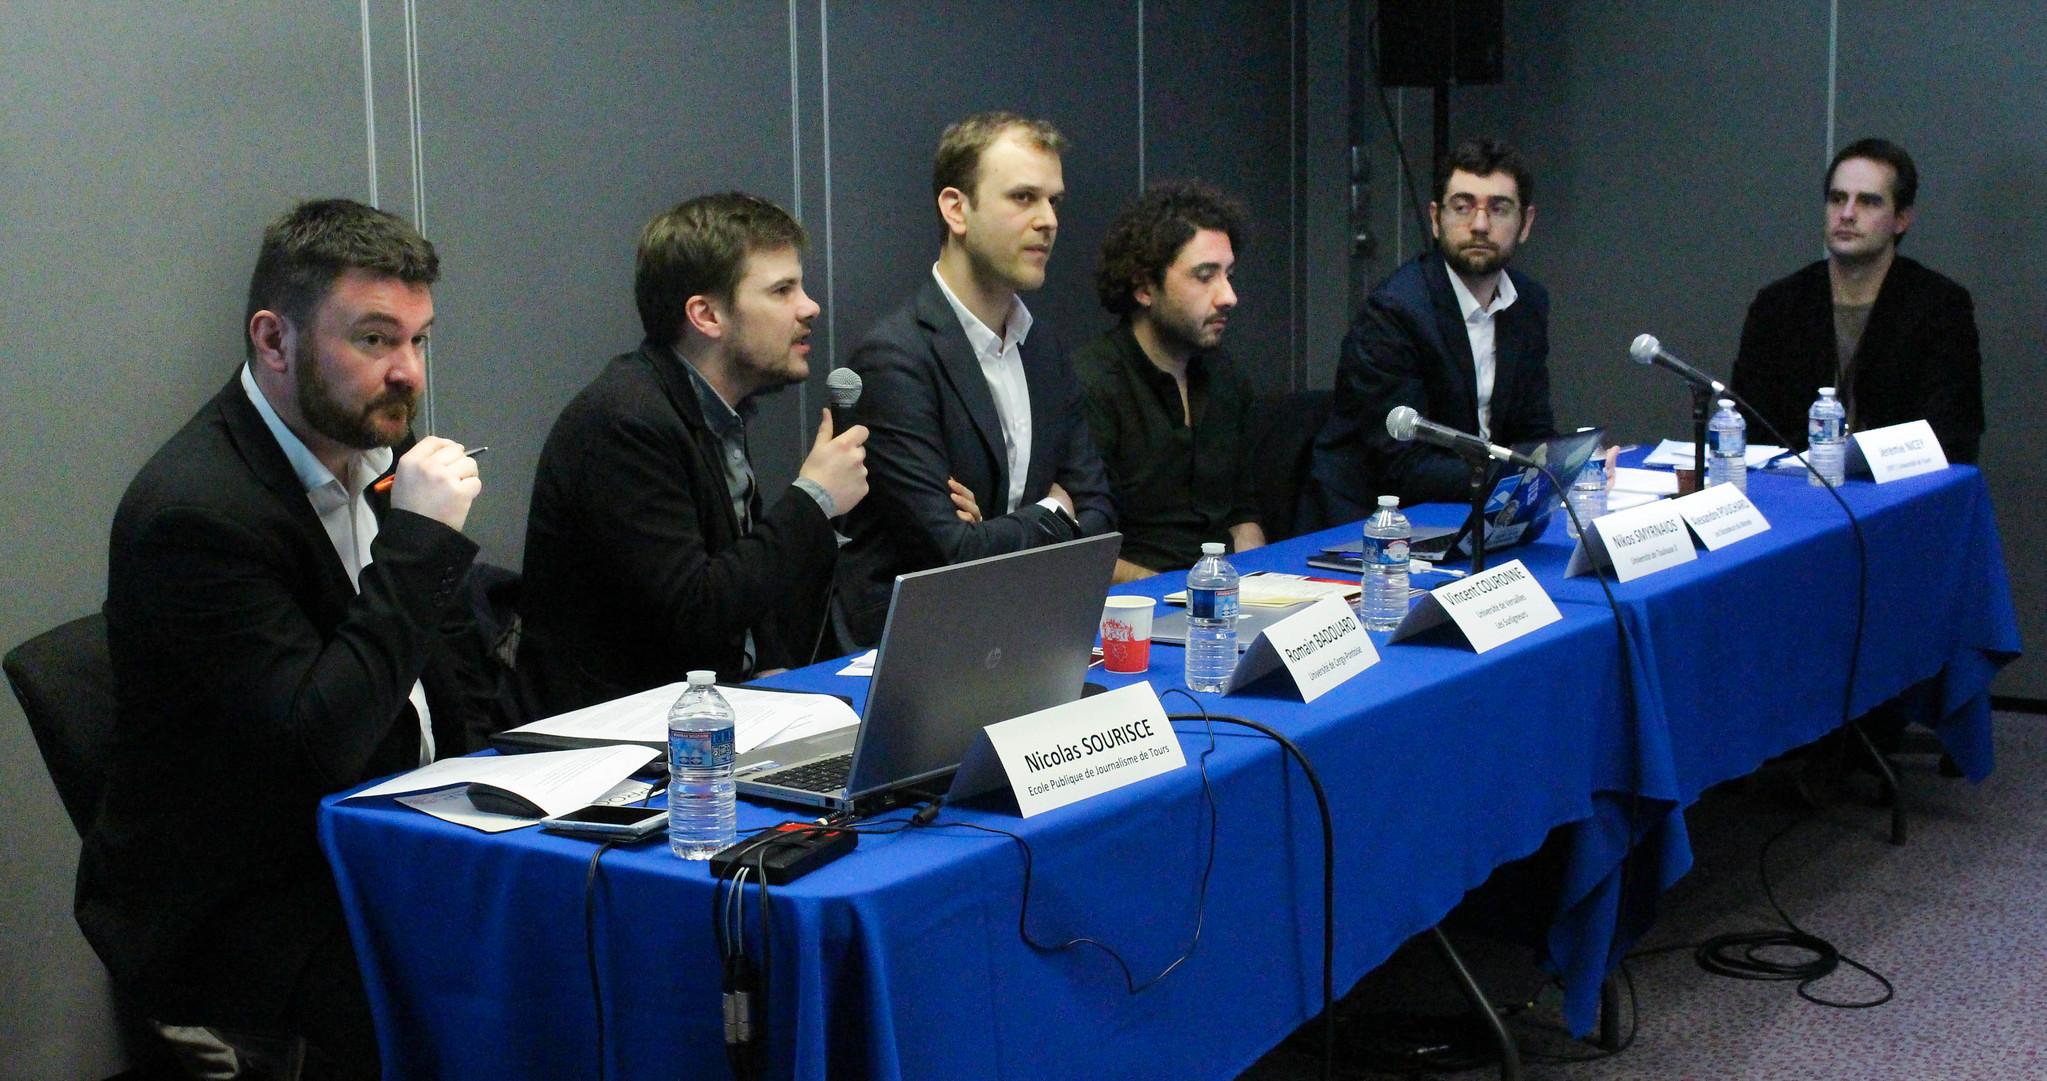 Chercheurs et journalistes ont débattu sur les limites et l'utilité du fact-checking. Photo : Clara Gaillot.